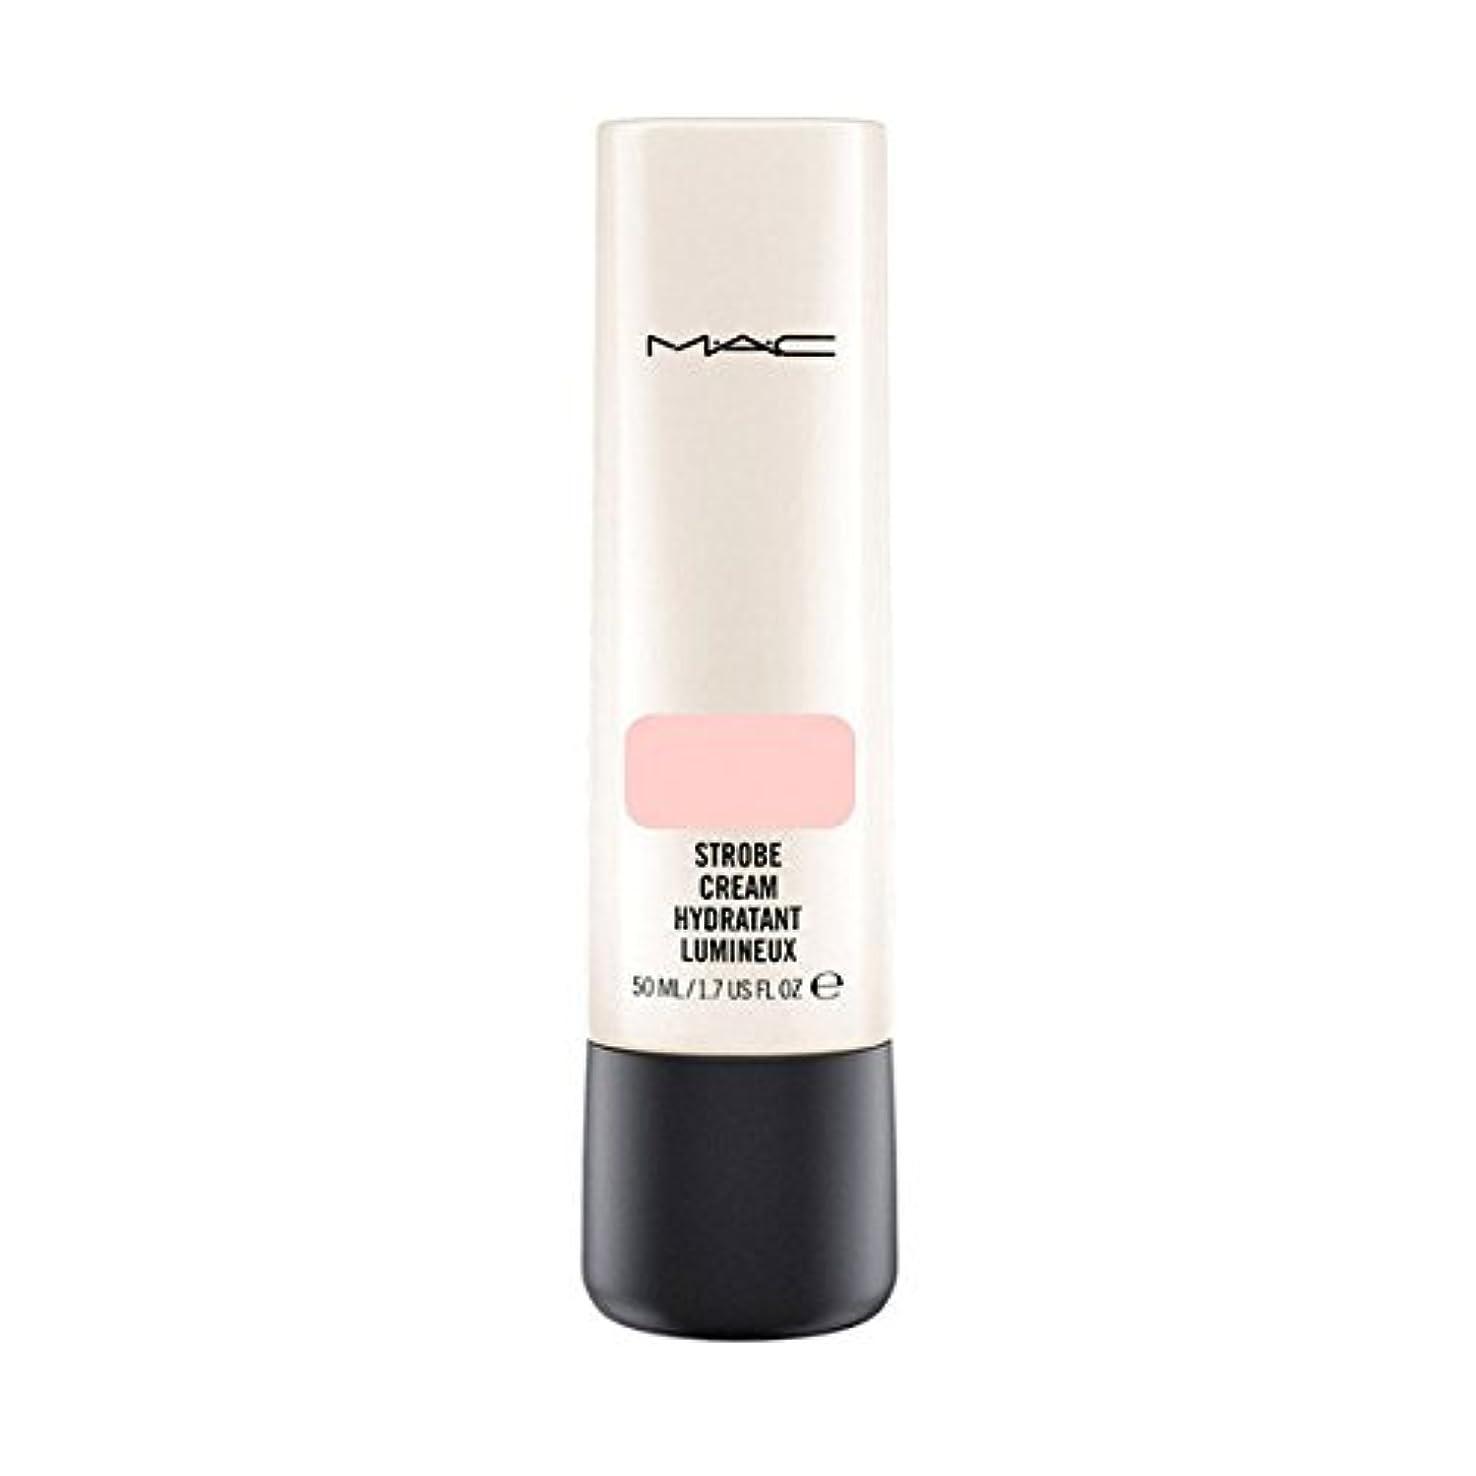 マック(MAC) ストロボ クリーム ピンク ライト/Pink Light 50ml [並行輸入品]